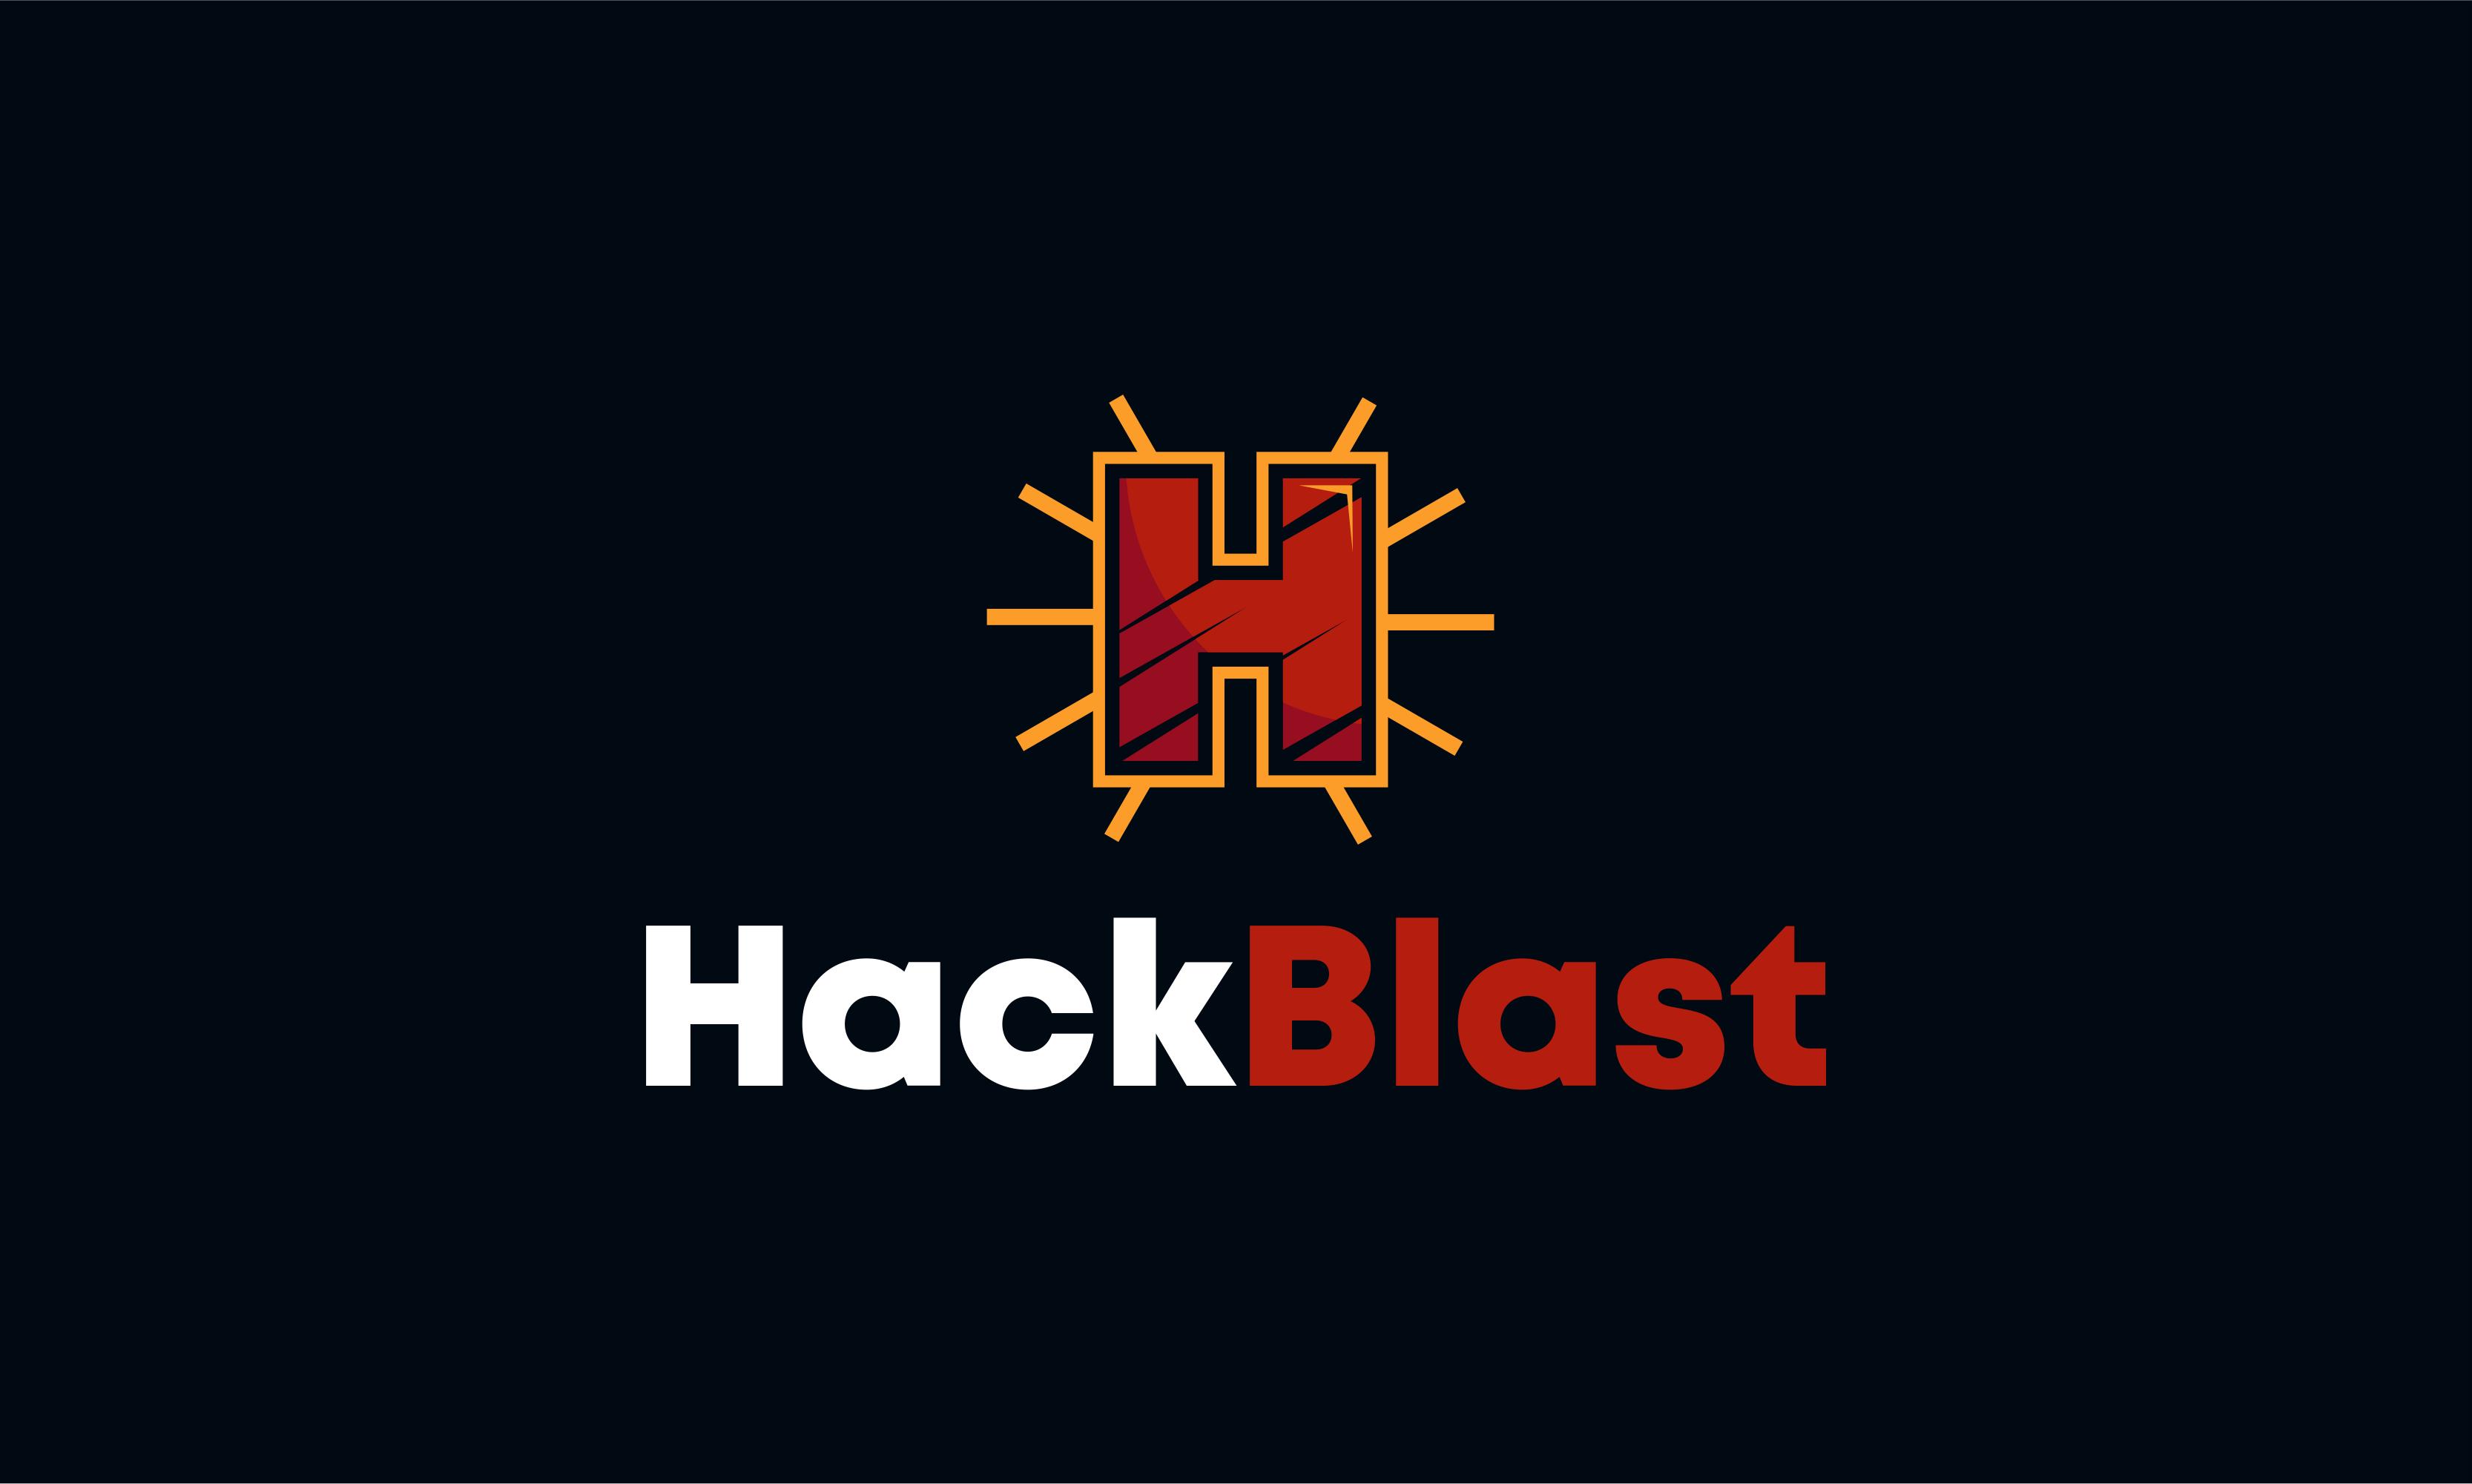 Hackblast